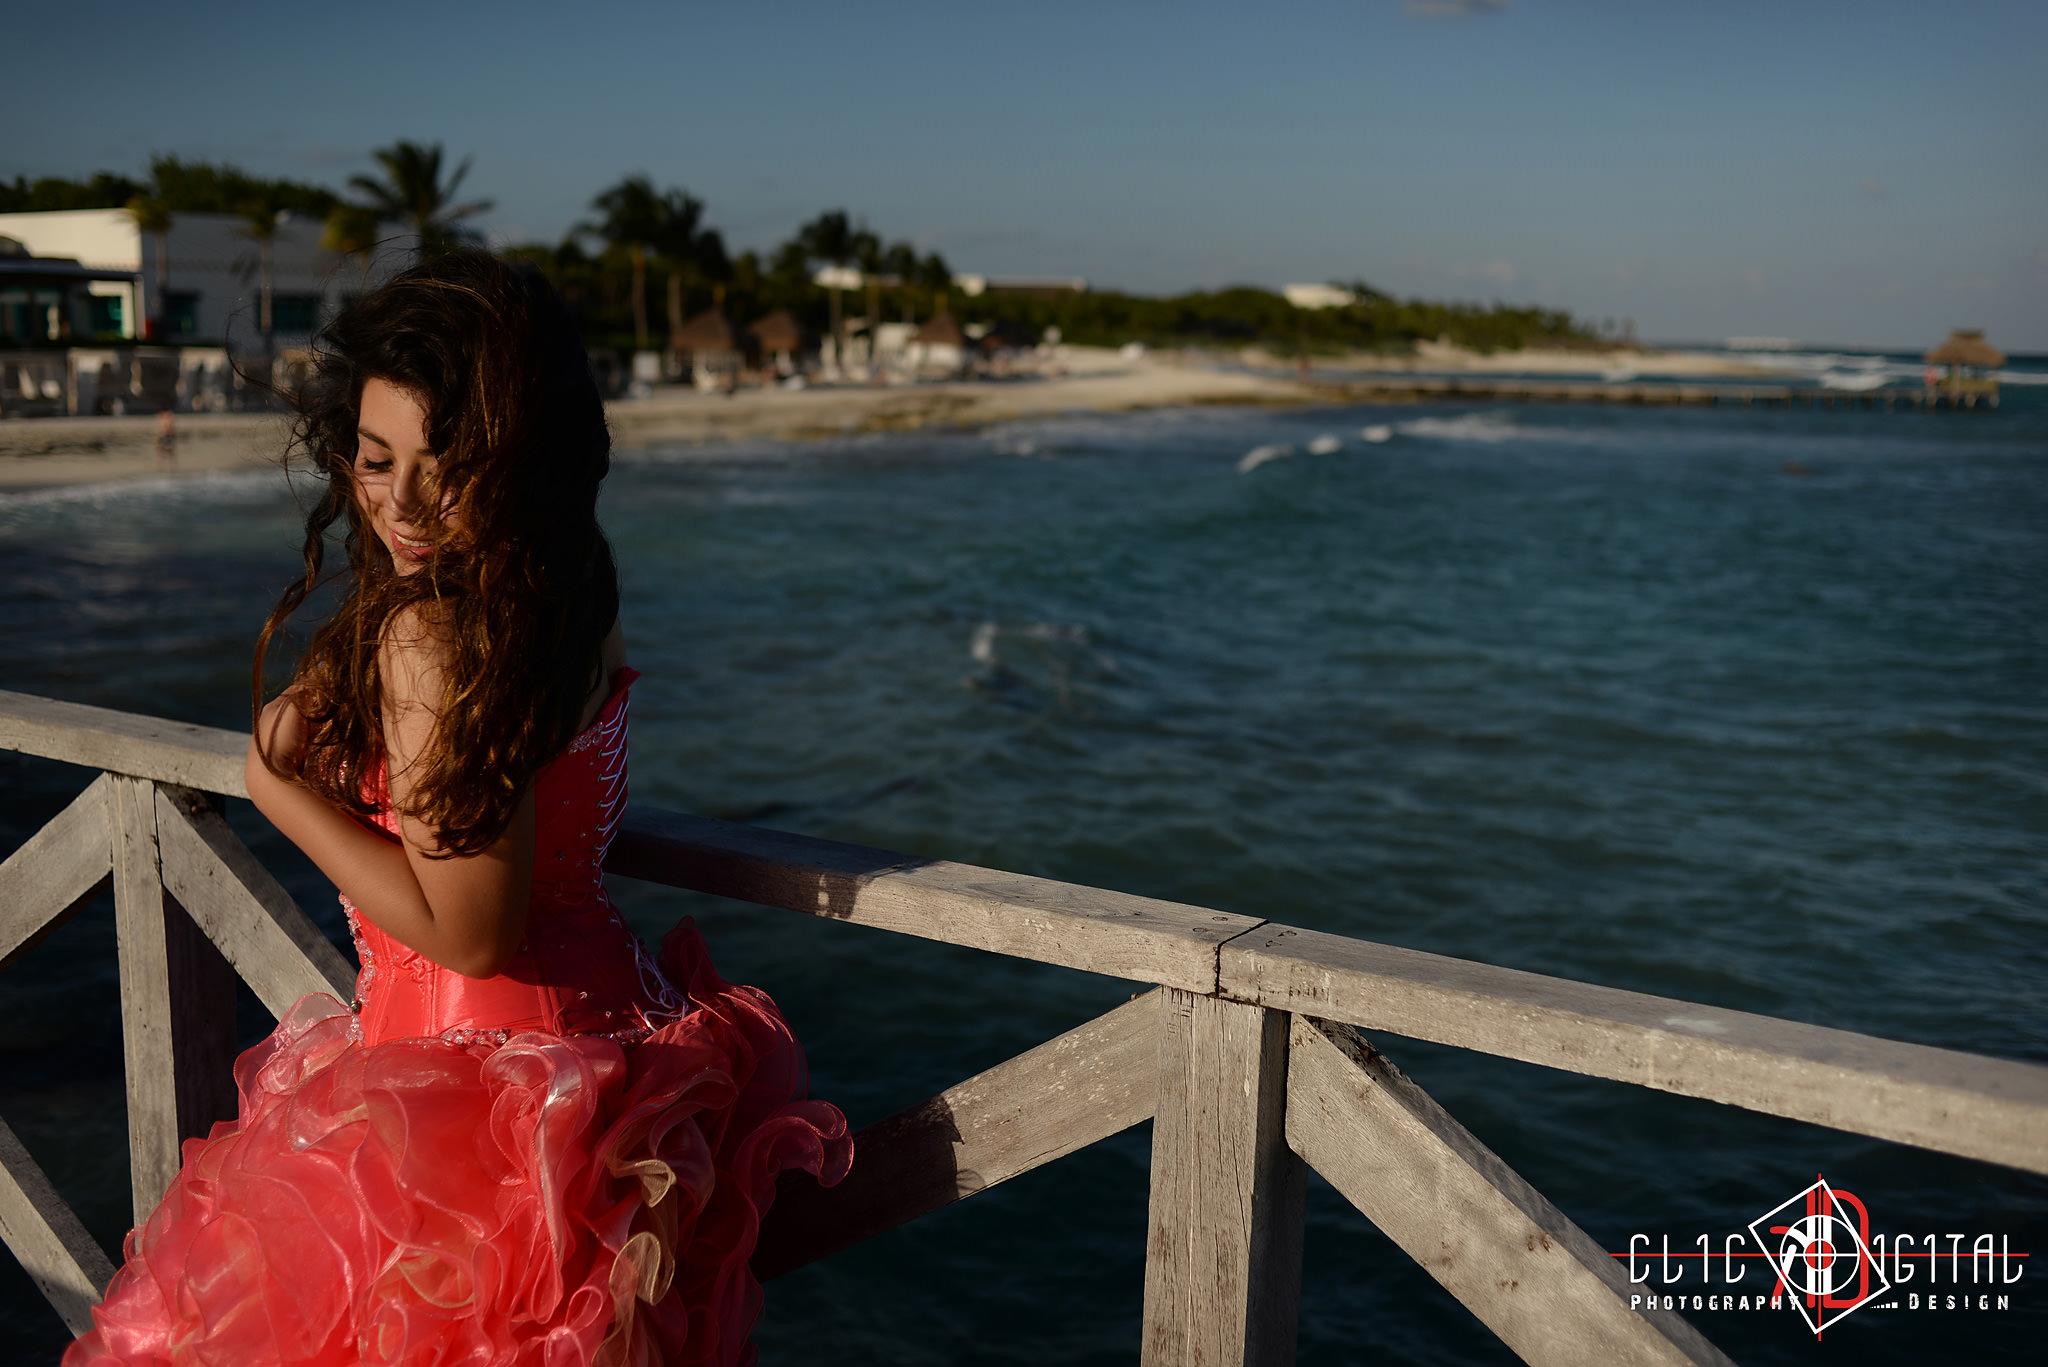 fotos_trash_Fati_cancun_079